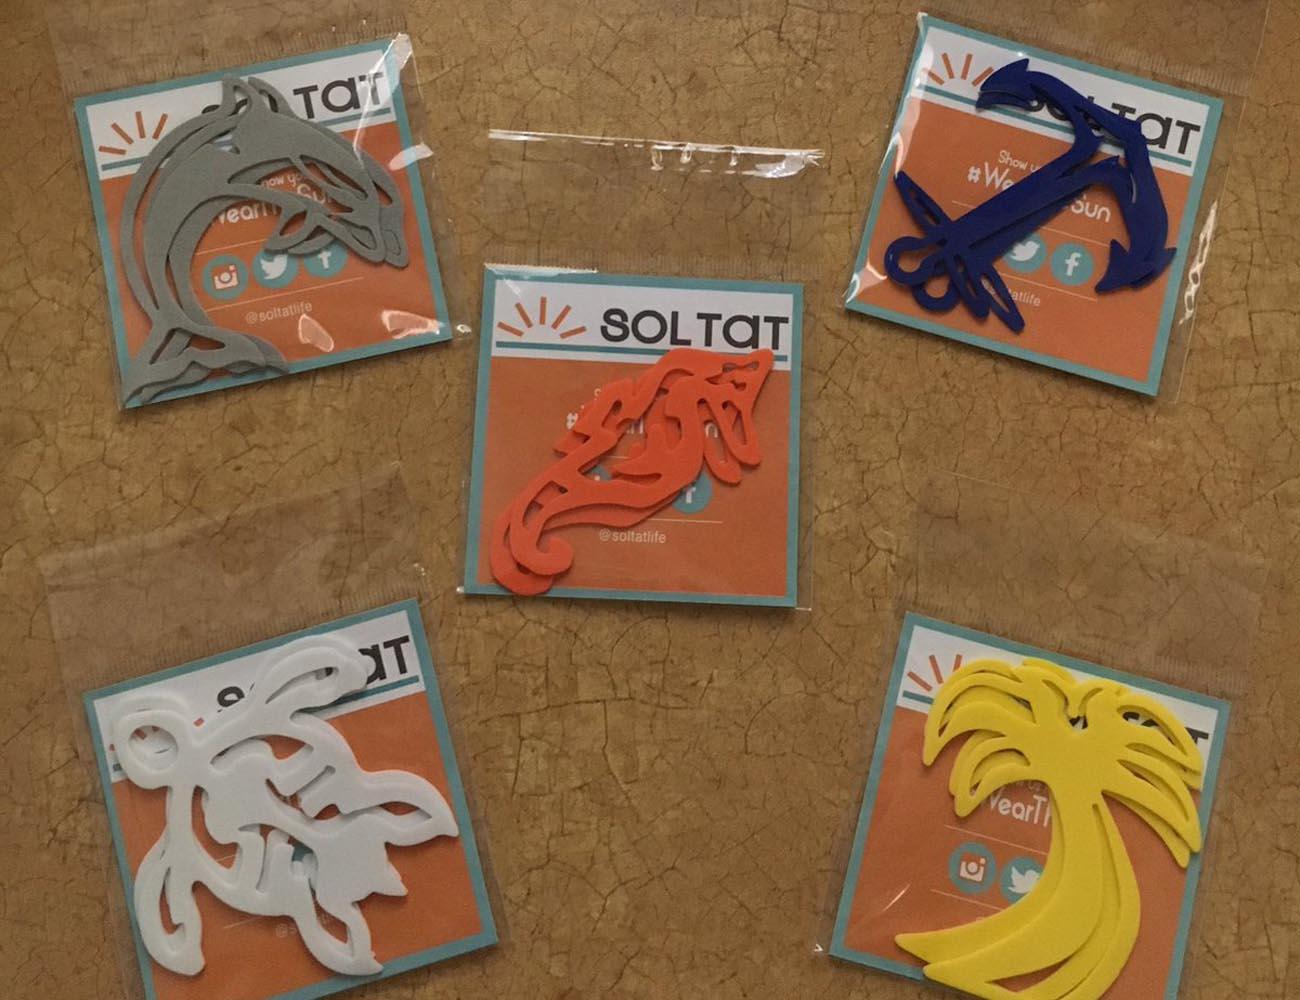 SolTat – Wear the Sun